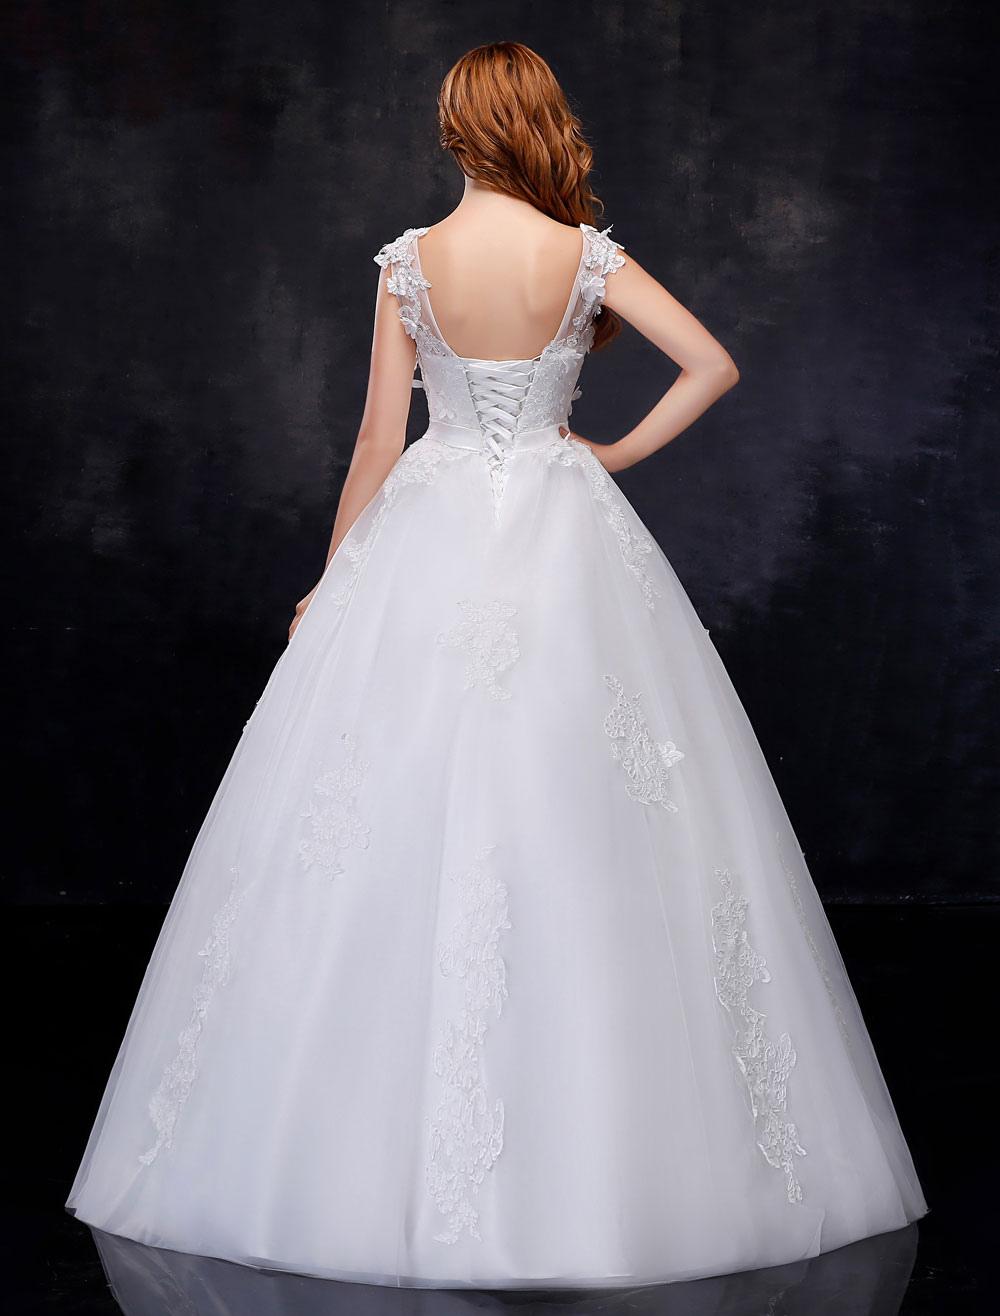 Brautkleider Prinzessin Ballkleider 3D Blumen Backless Illusion Sash ...